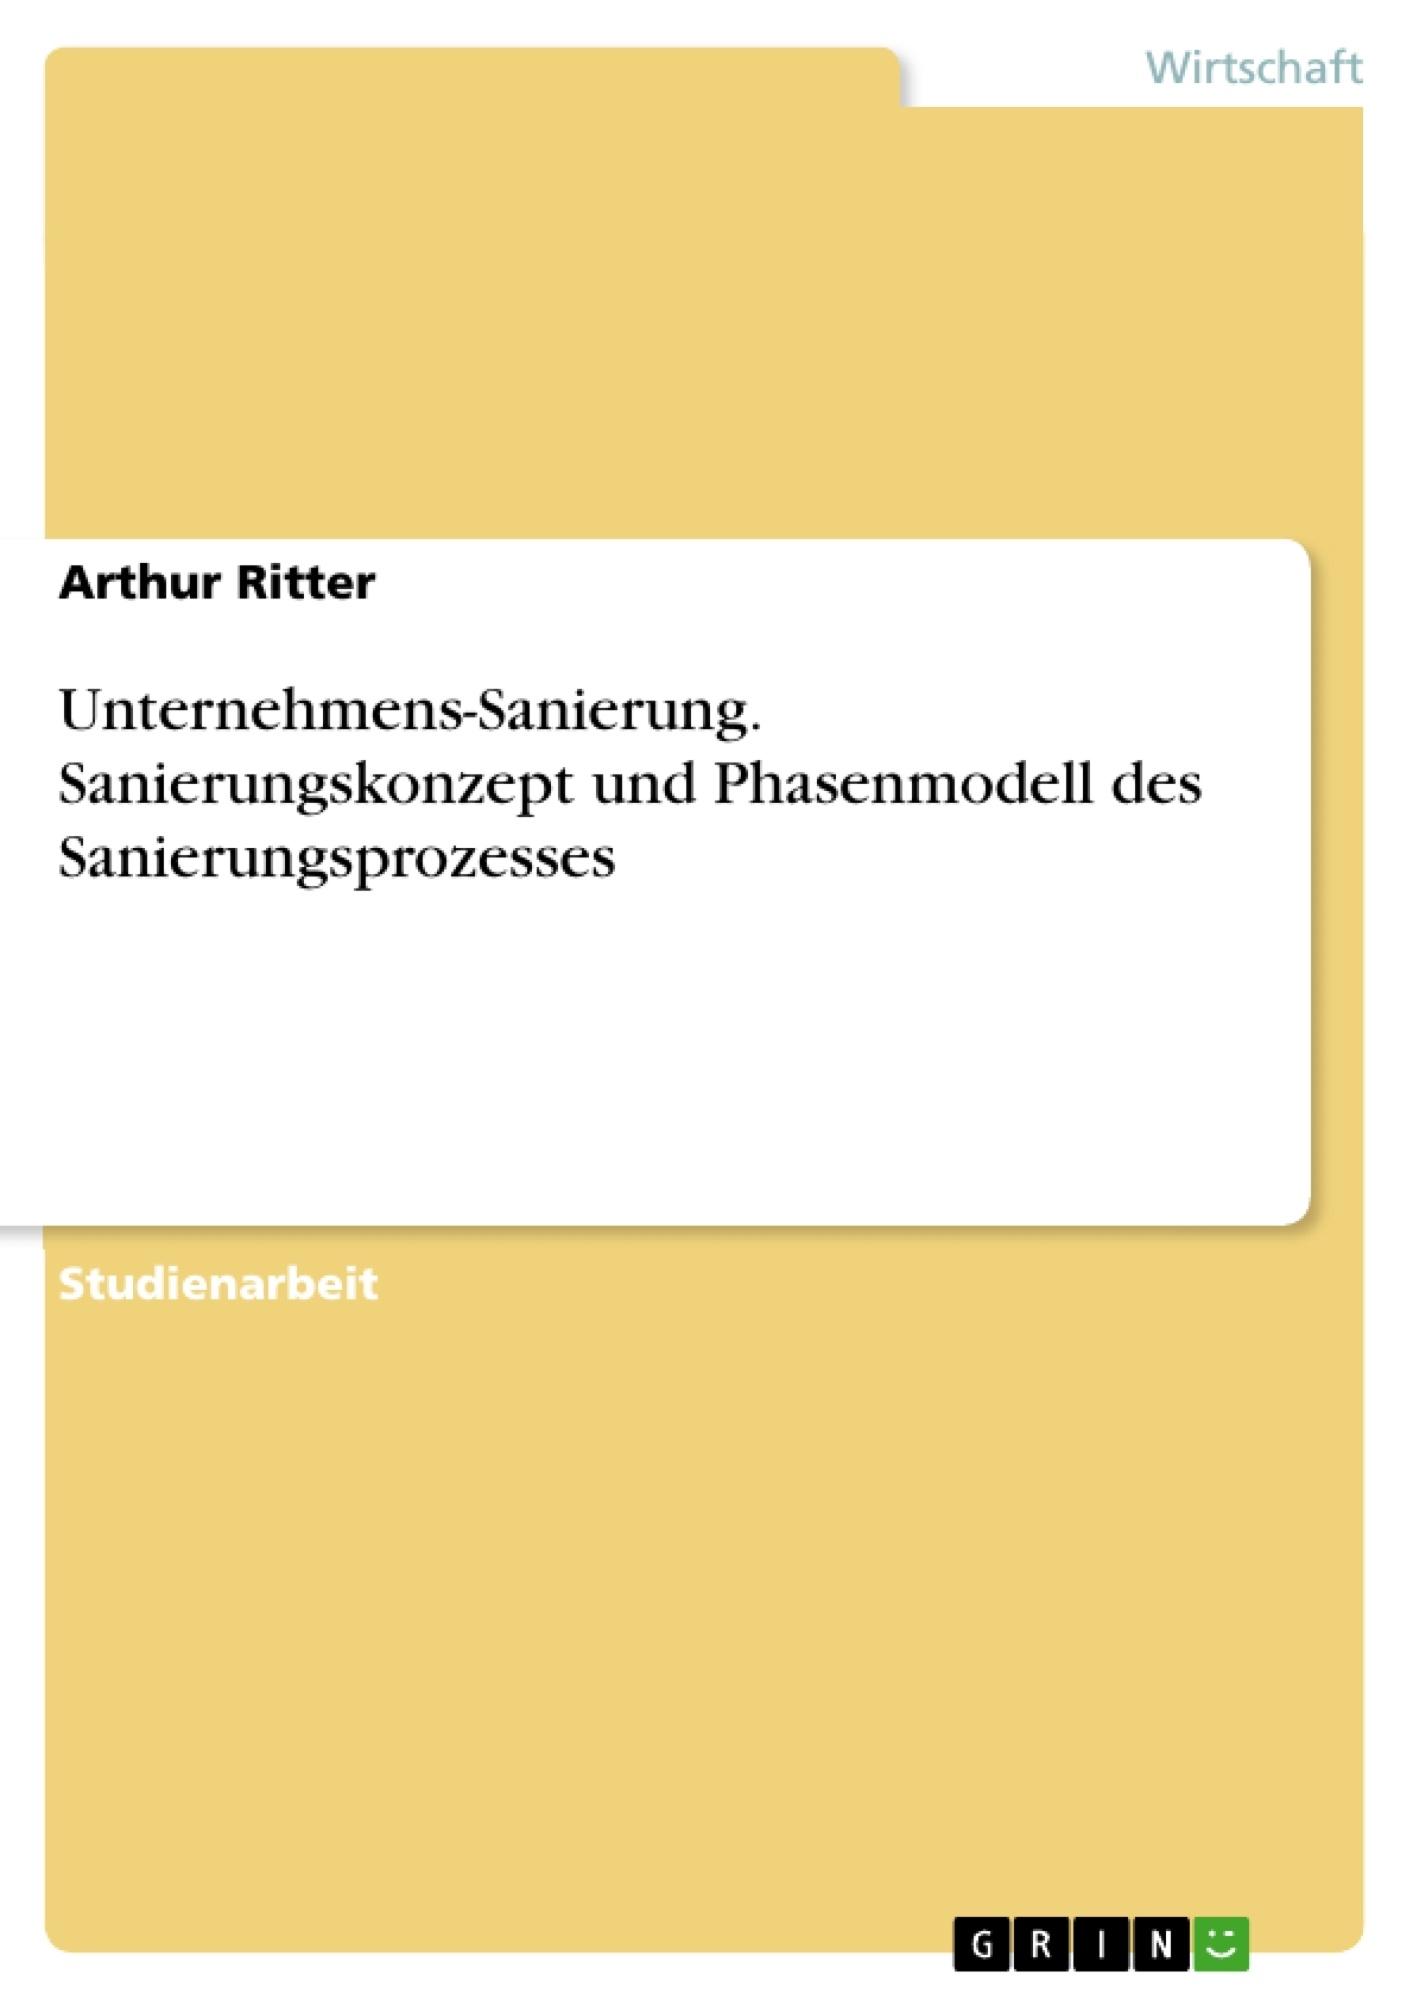 Titel: Unternehmens-Sanierung. Sanierungskonzept und Phasenmodell des Sanierungsprozesses